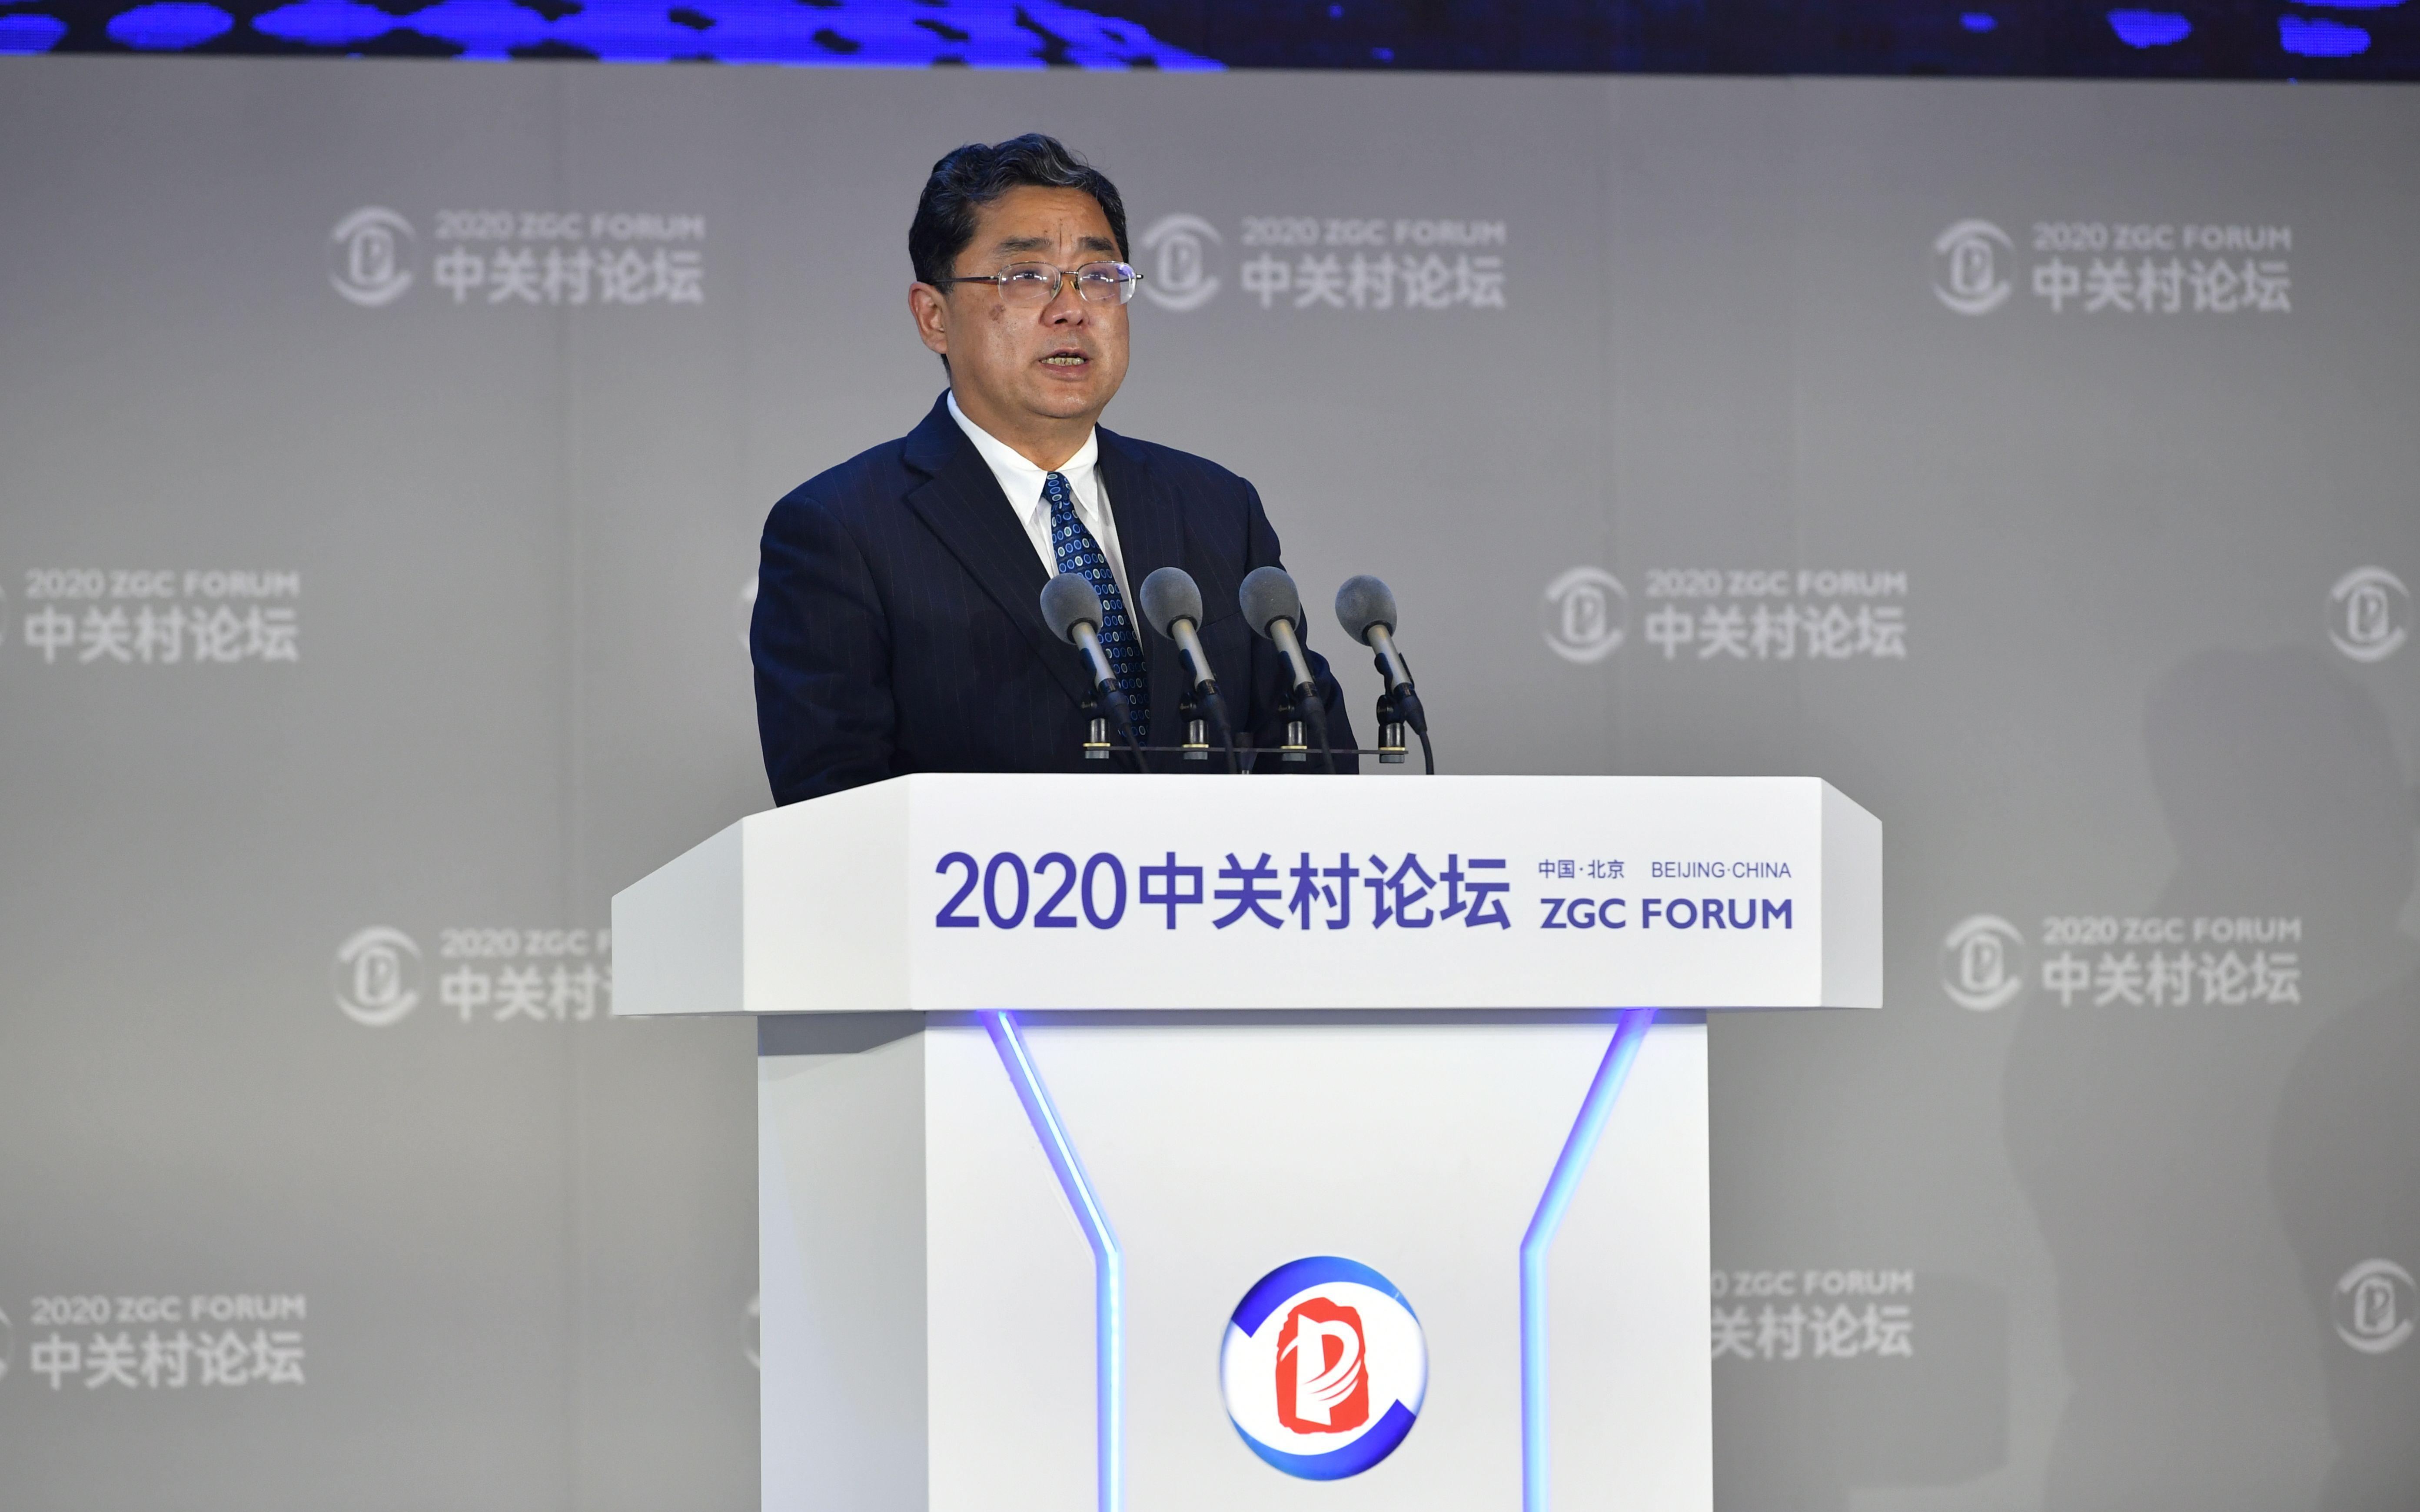 中国已与161个国家和地区建立科技合作关系 新京报 2020-09-19 17:49:18 新京报快讯(记者黄哲程)今天(9月19日)下午,2020中关村论坛重大成果发布会在北京举行。科技部国际合作司